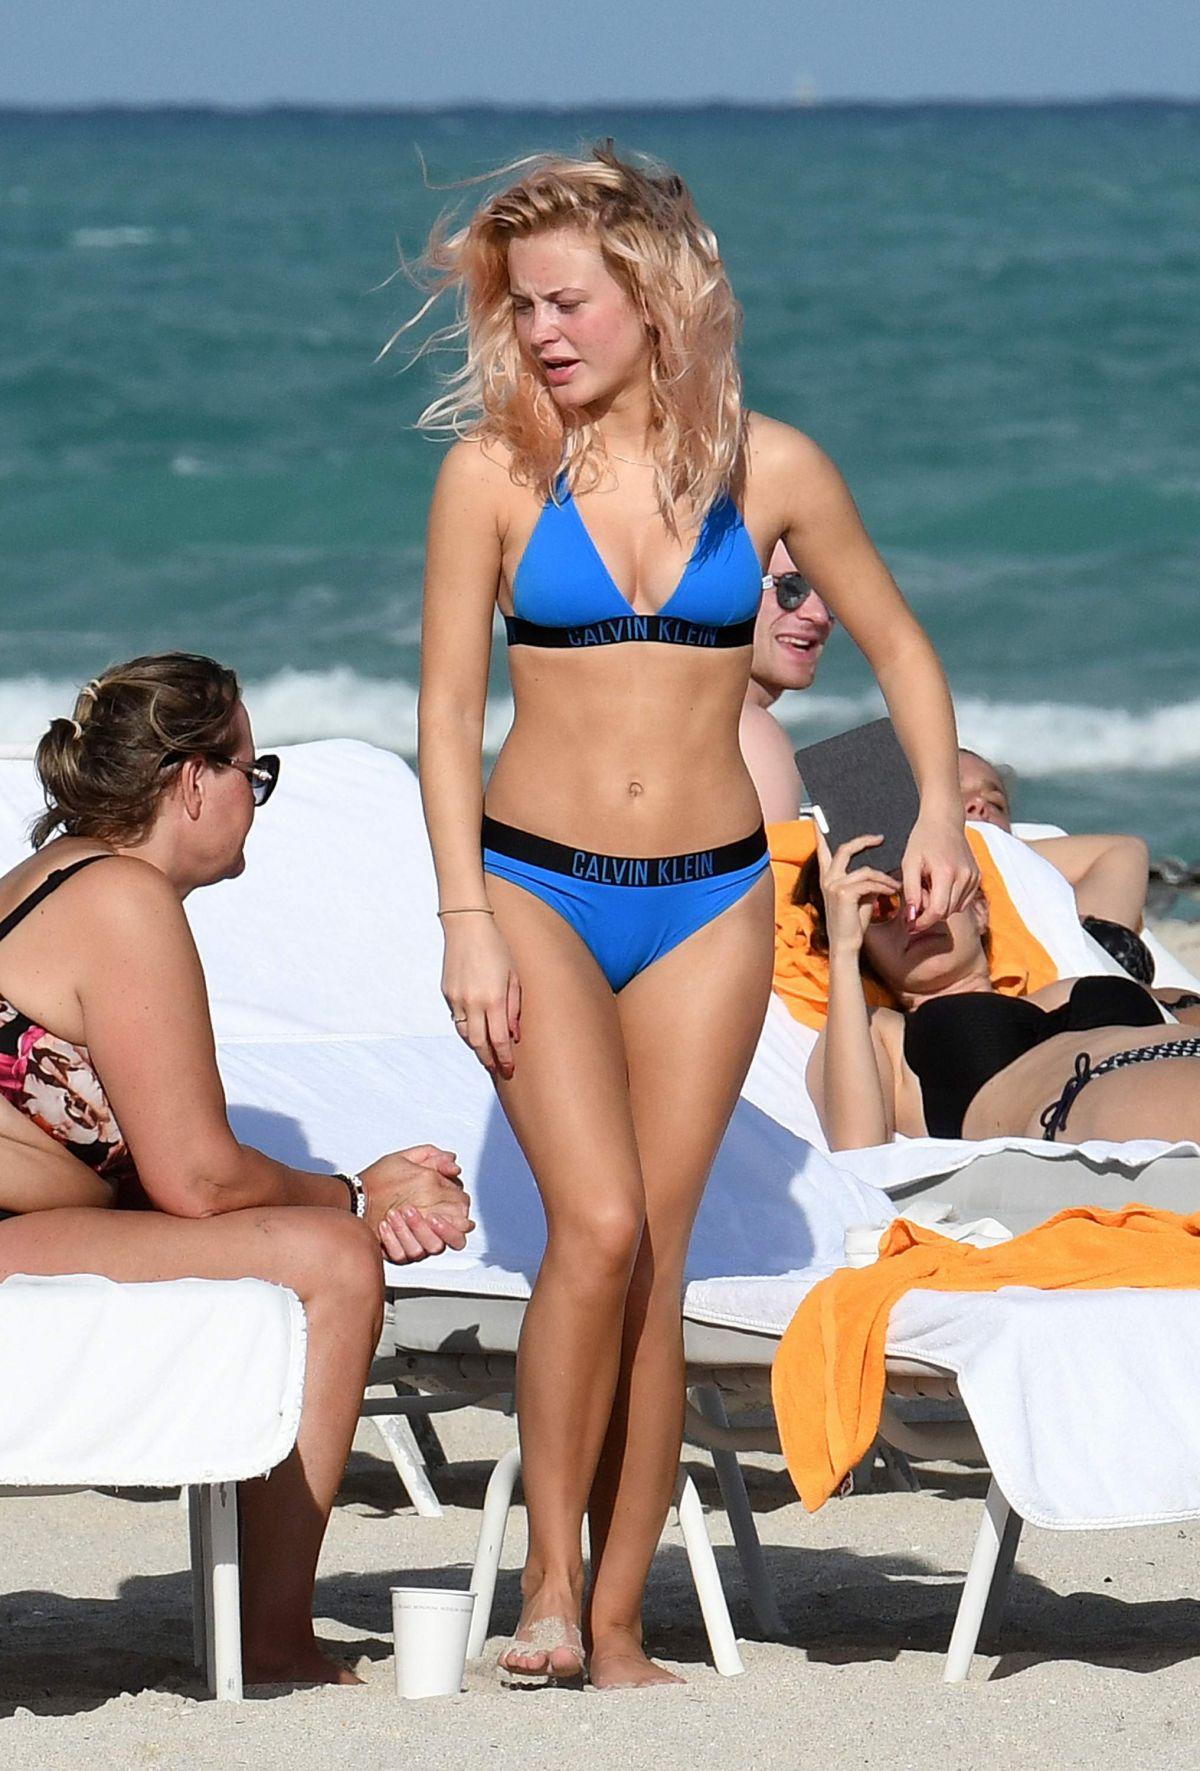 ZARA LARSSON in Bikini on the Beach in Miami 01/12/2017 ...